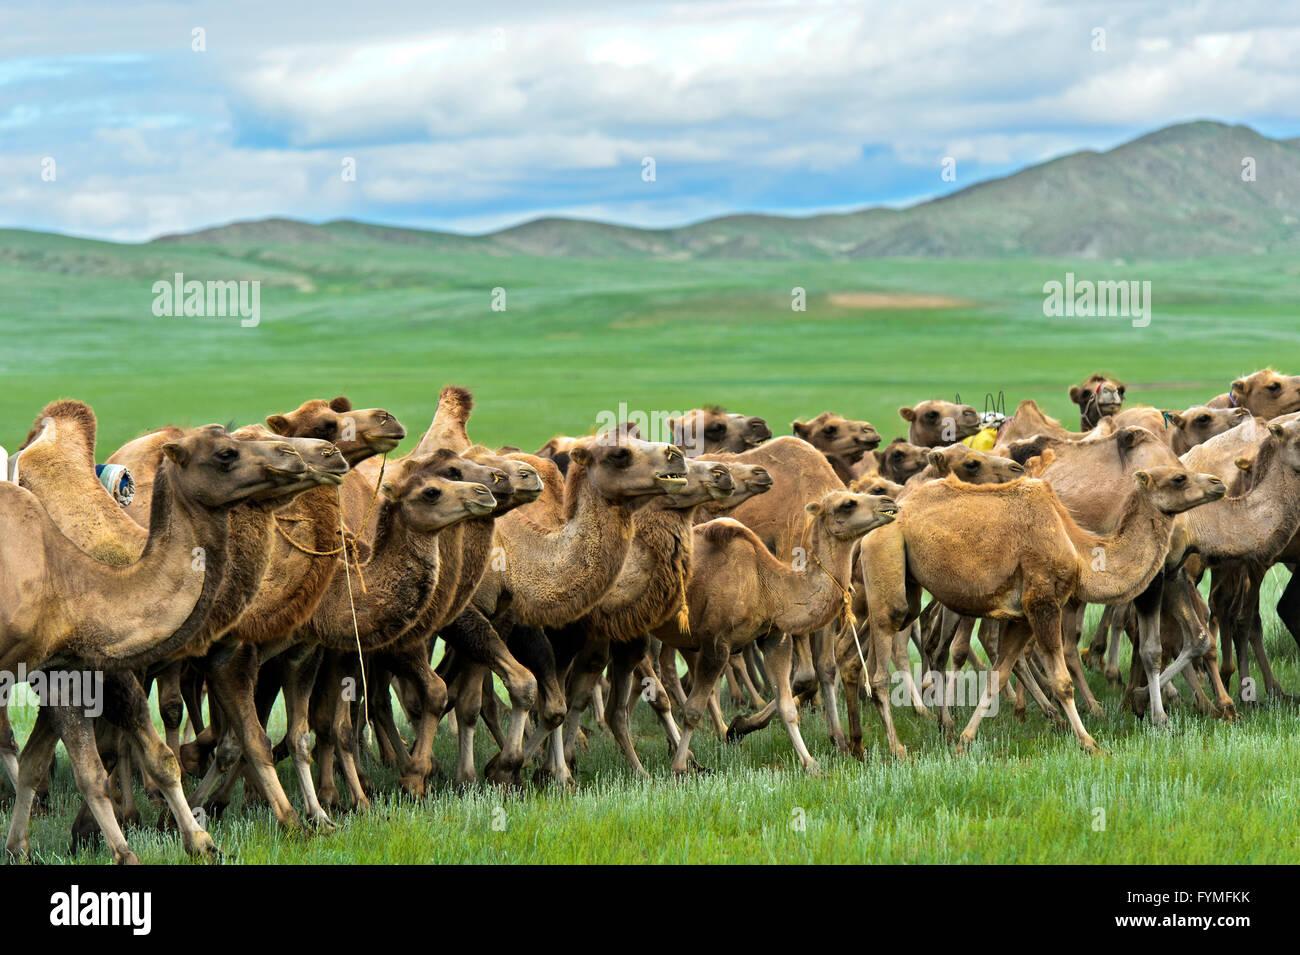 El rebaño de camellos bactrianos (Camelus bactrianus) roaming en la estepa mongola, Mongolia Foto de stock